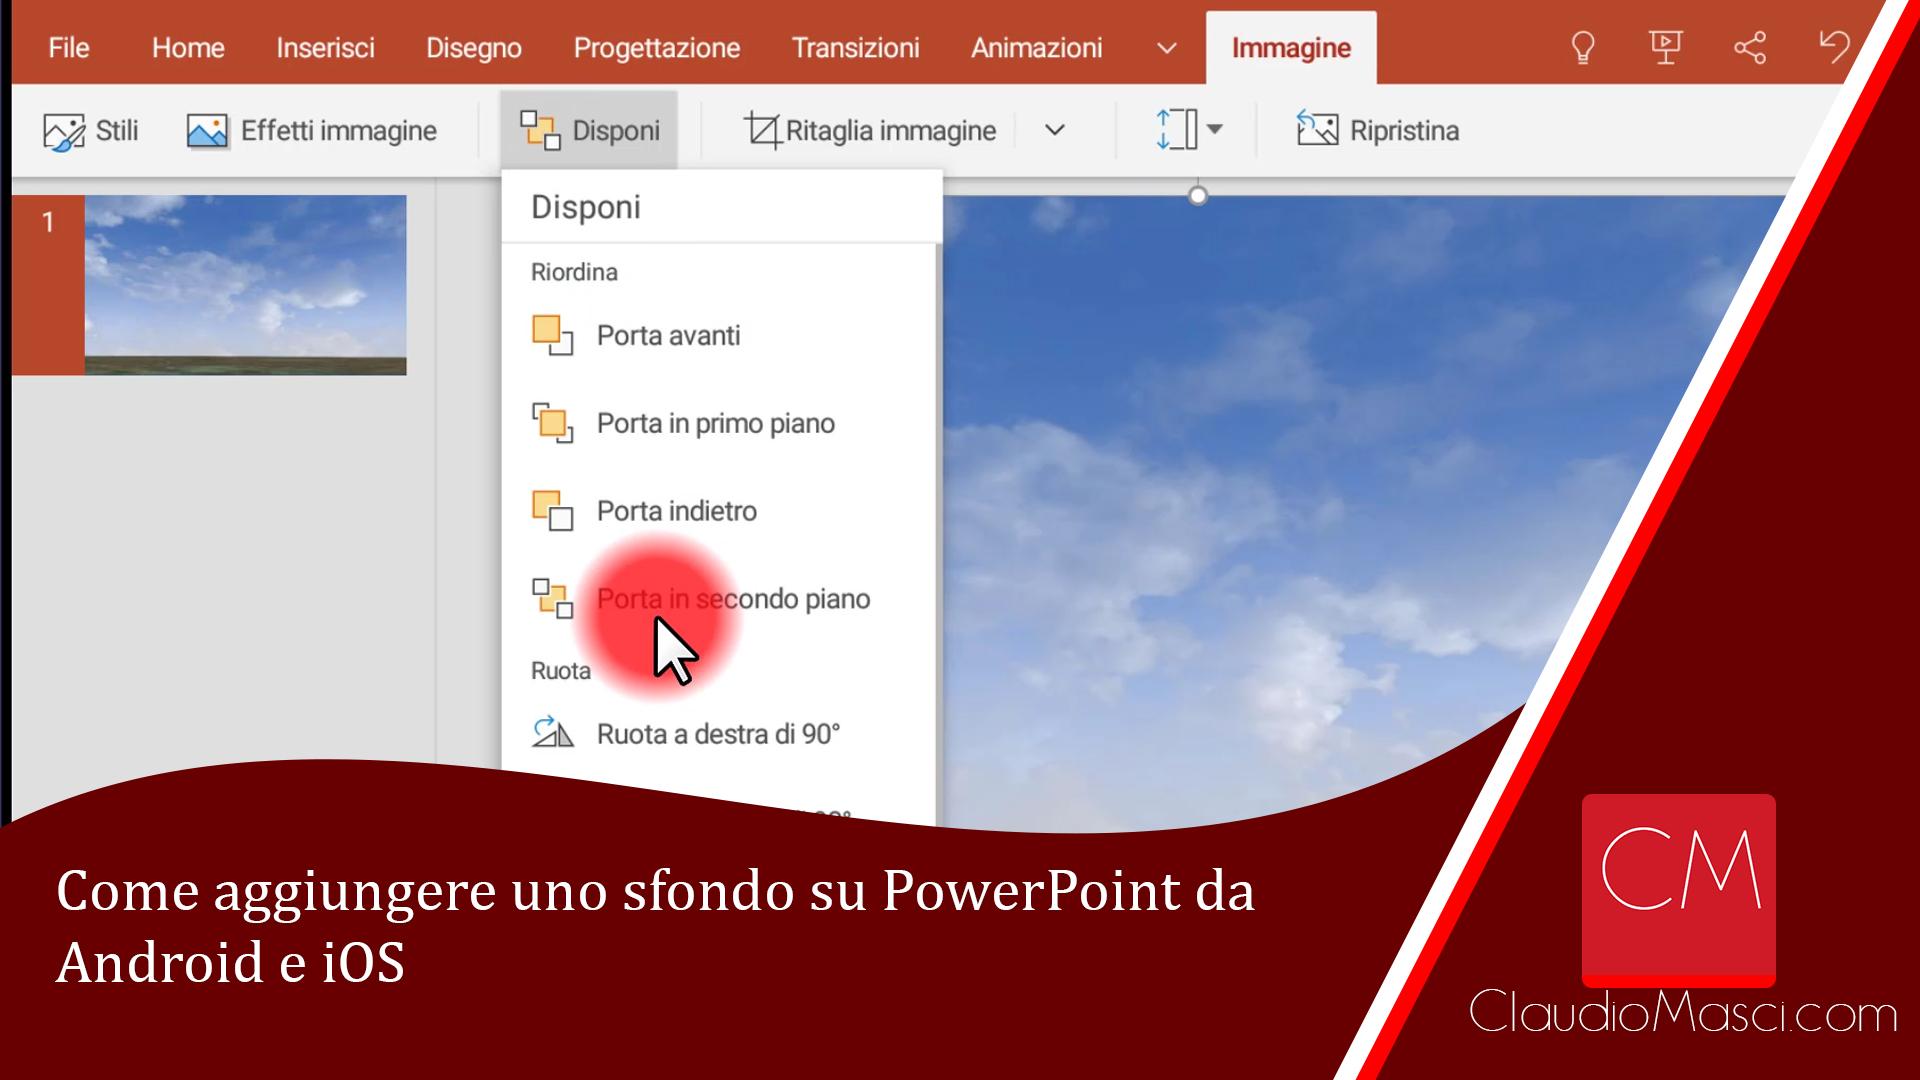 Come aggiungere uno sfondo su PowerPoint da Android e iOS